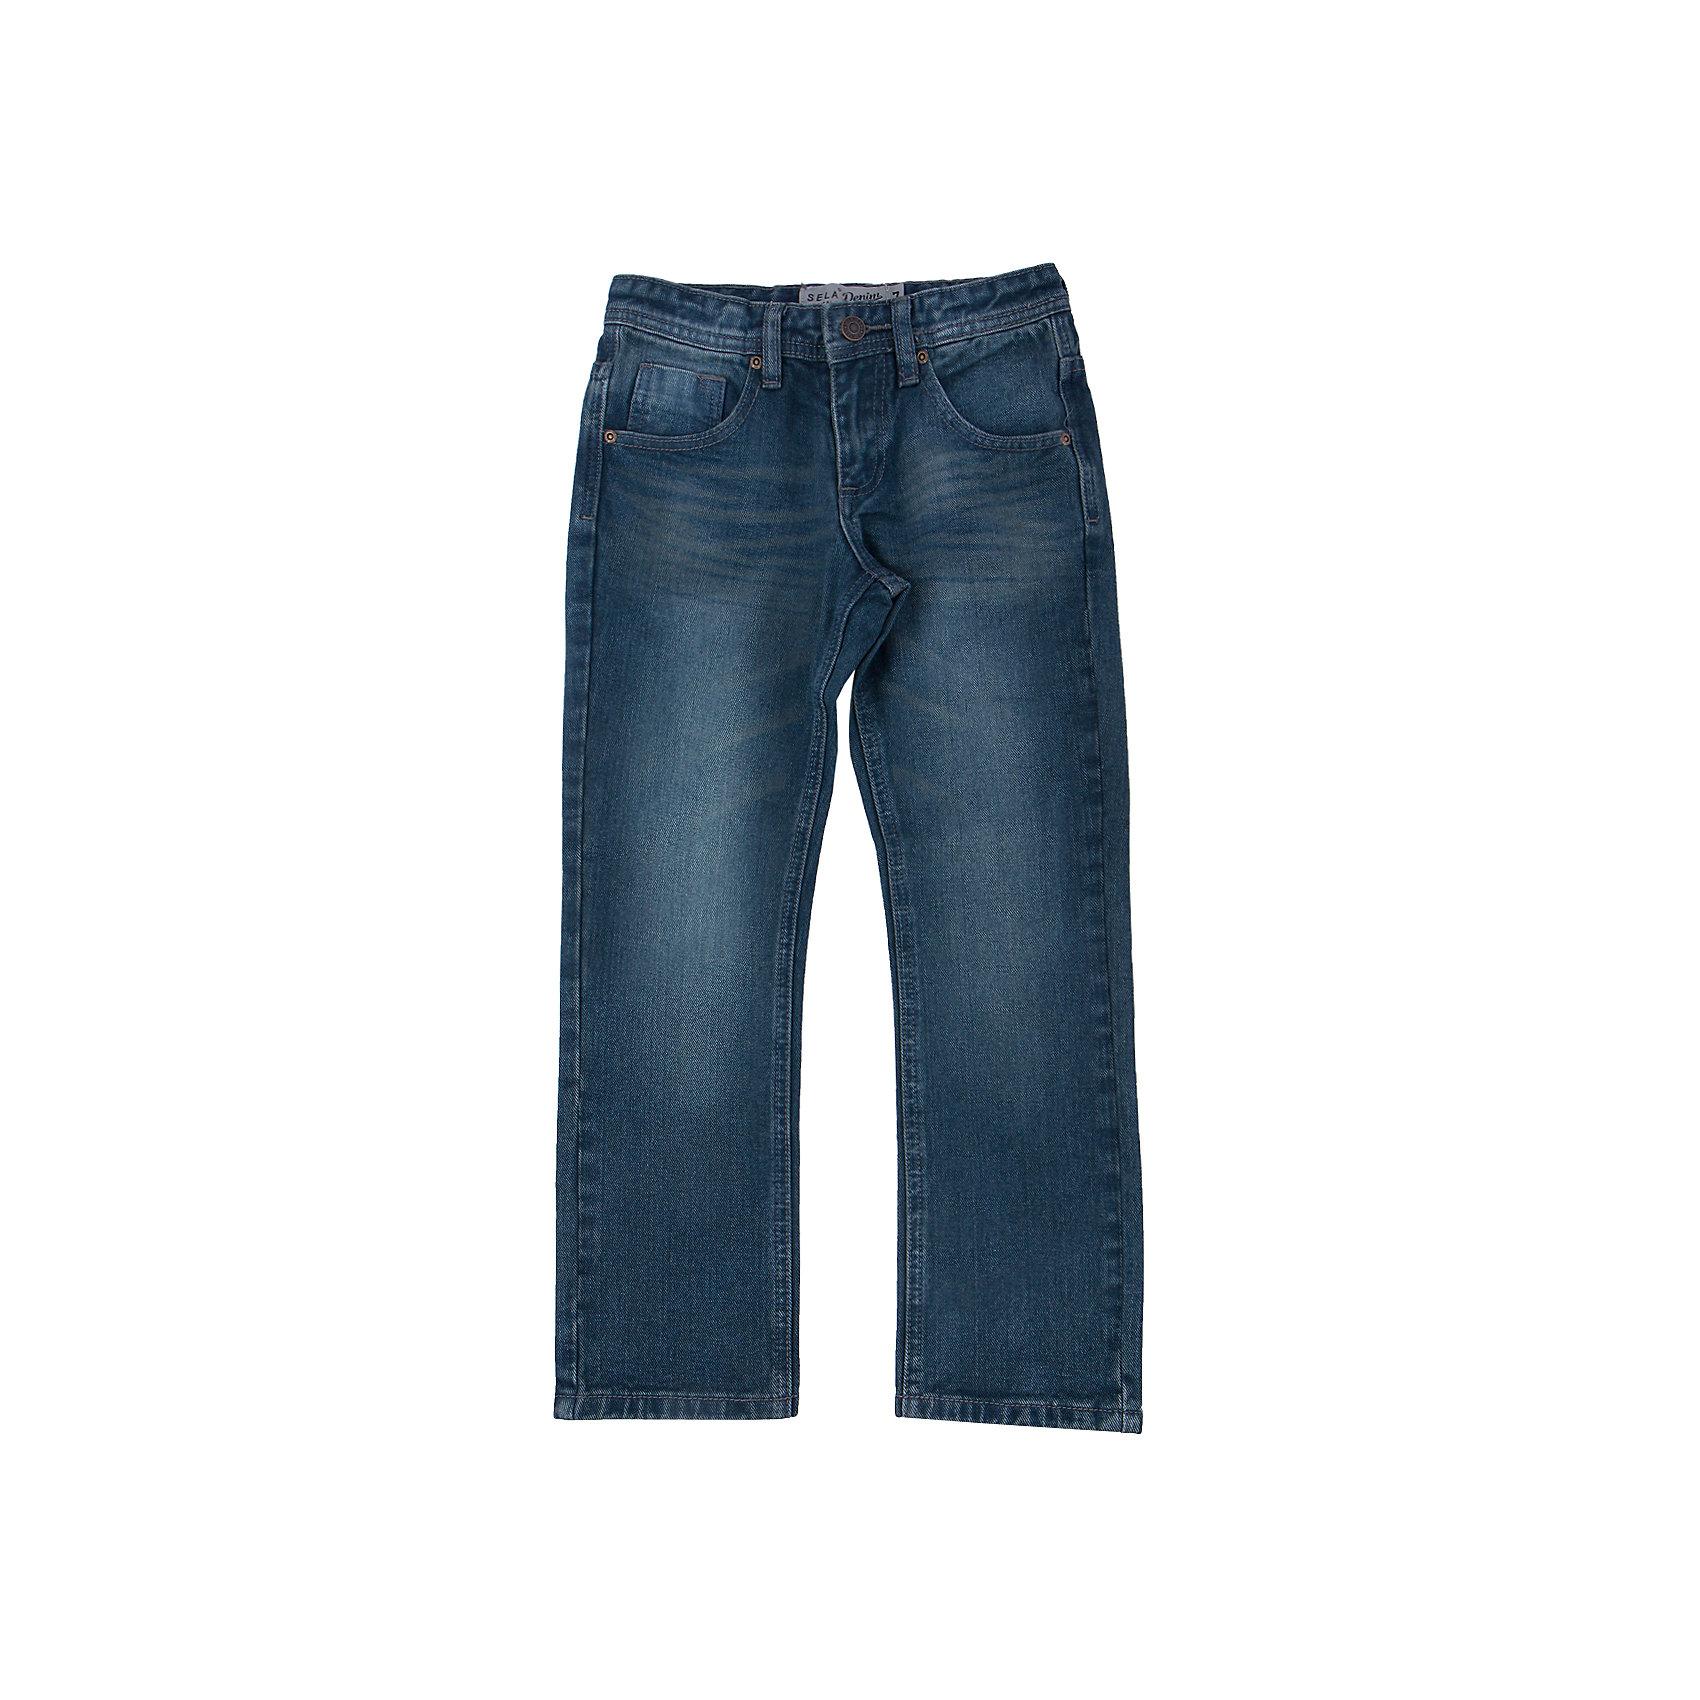 Джинсы для мальчика SELAДжинсы - незаменимая вещь в детском гардеробе. Эта модель отлично сидит на ребенке, она сшита из плотного материала, натуральный хлопок не вызывает аллергии и обеспечивает ребенку комфорт. Модель станет отличной базовой вещью, которая будет уместна в различных сочетаниях.<br>Одежда от бренда Sela (Села) - это качество по приемлемым ценам. Многие российские родители уже оценили преимущества продукции этой компании и всё чаще приобретают одежду и аксессуары Sela.<br><br>Дополнительная информация:<br><br>прямой силуэт;<br>материал: 100 % хлопок;<br>плотный материал.<br><br>Джинсы для мальчика от бренда Sela можно купить в нашем интернет-магазине.<br><br>Ширина мм: 215<br>Глубина мм: 88<br>Высота мм: 191<br>Вес г: 336<br>Цвет: зеленый<br>Возраст от месяцев: 96<br>Возраст до месяцев: 108<br>Пол: Мужской<br>Возраст: Детский<br>Размер: 128,122,146,140,152,134<br>SKU: 4919576